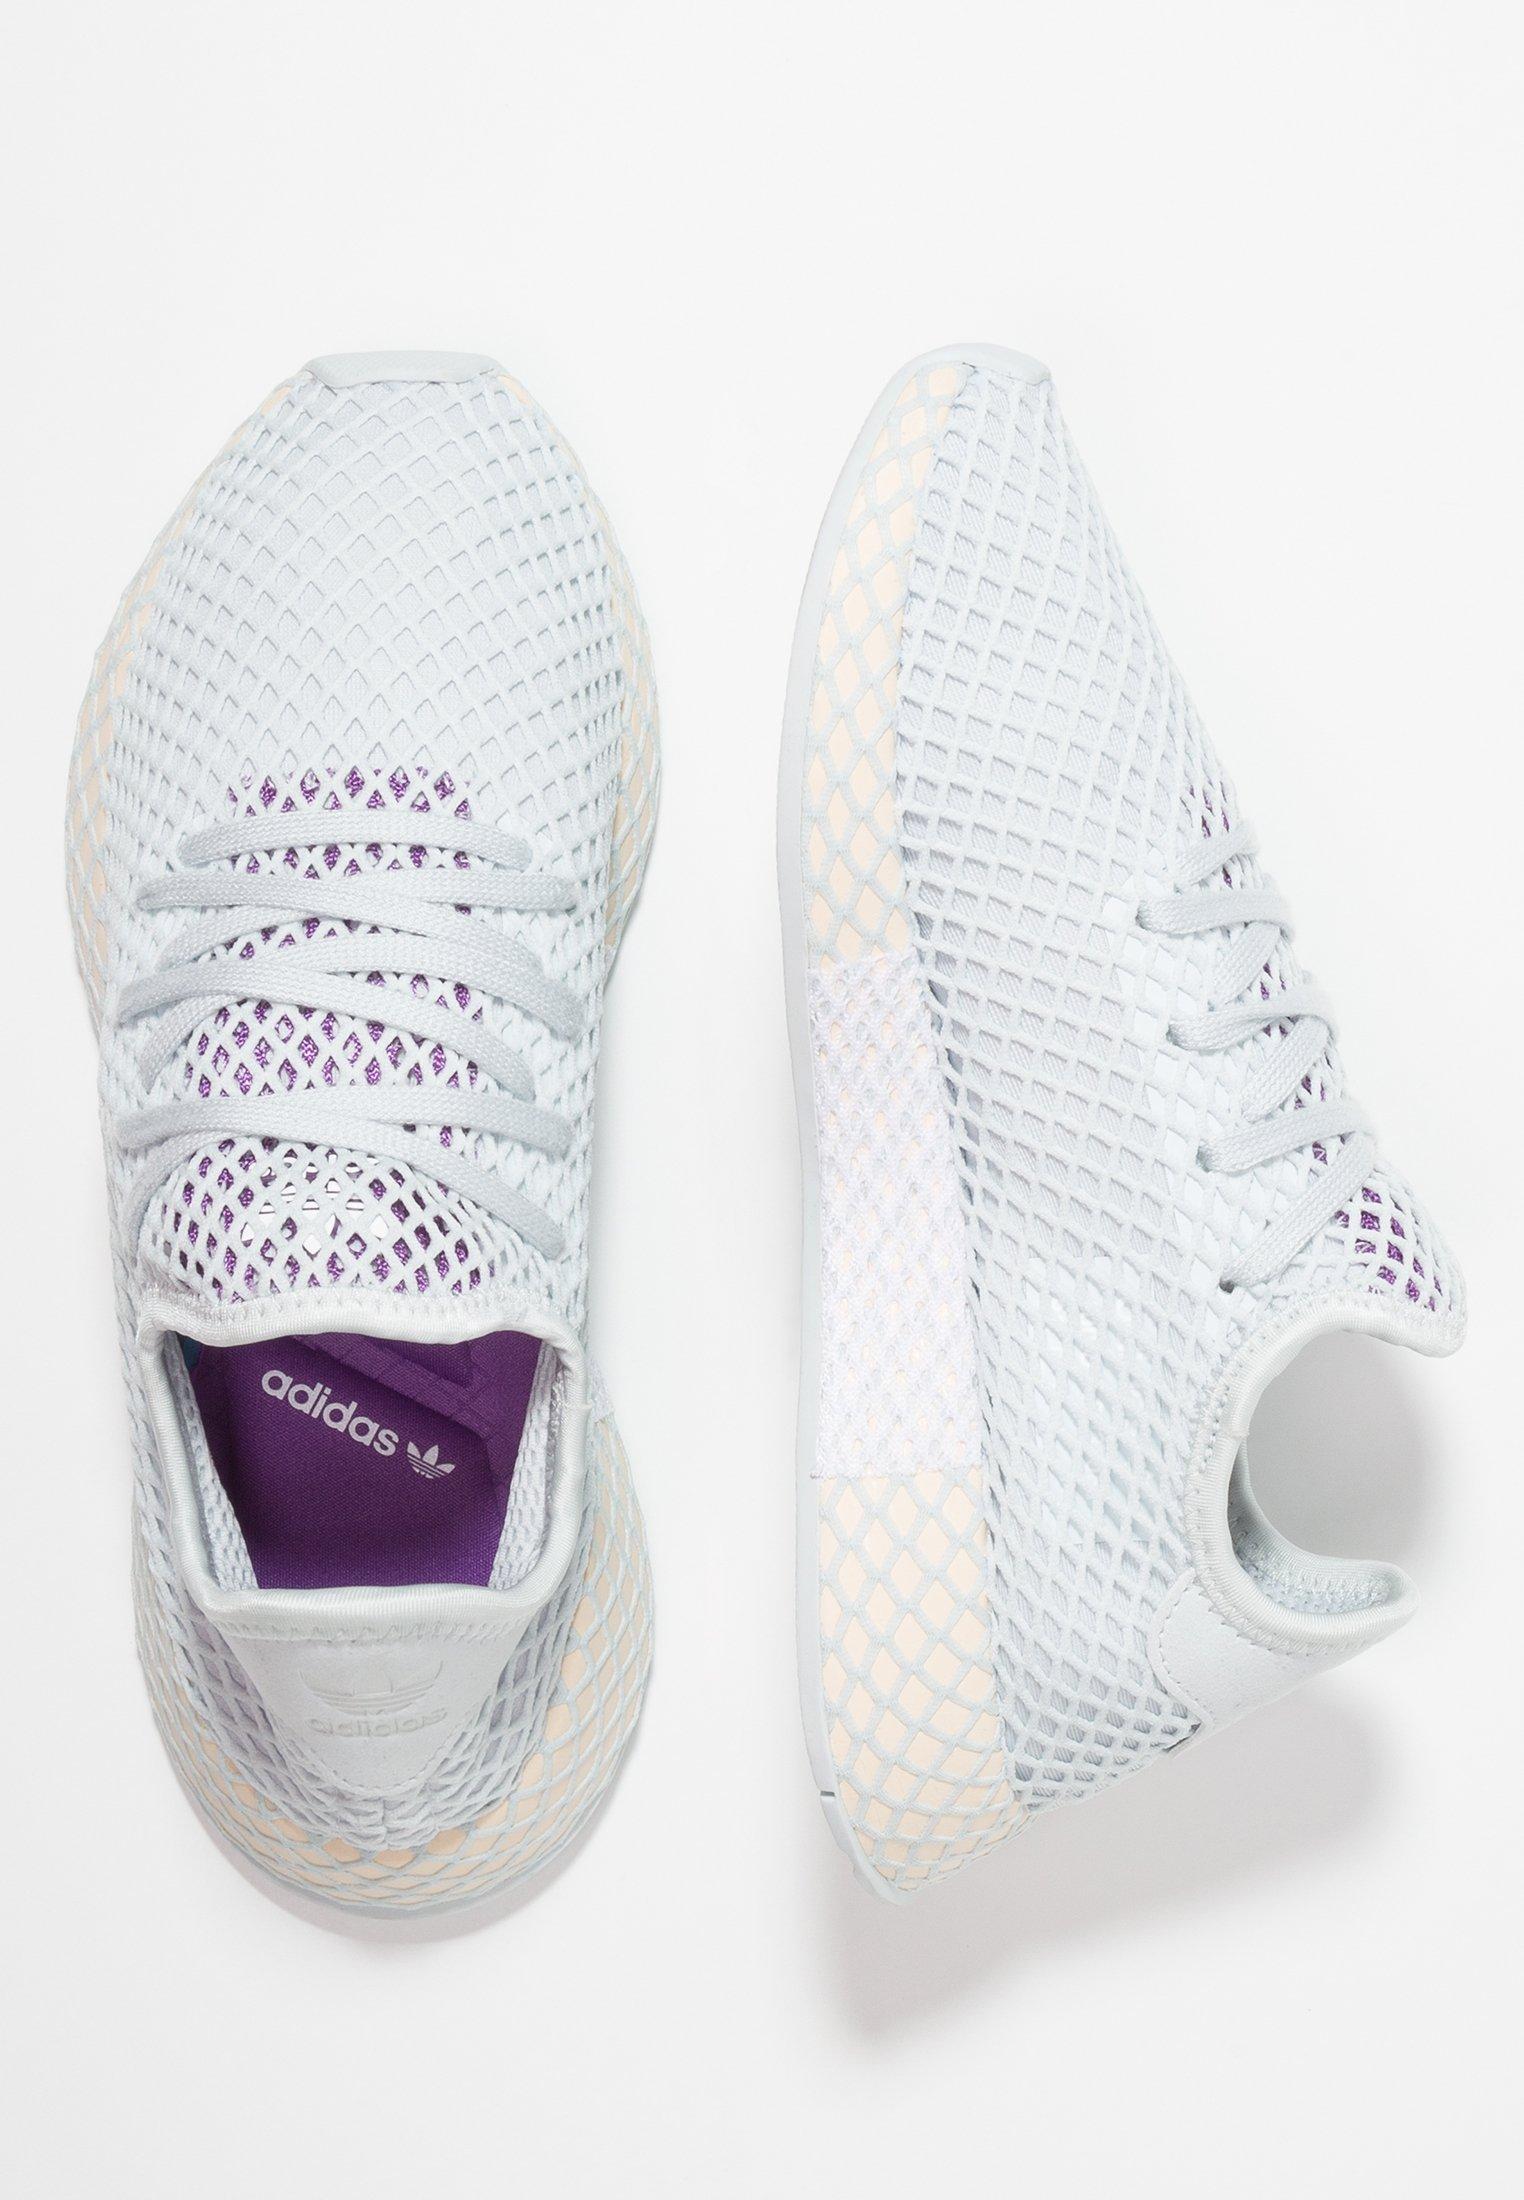 Adidas Originals Deerupt Runner - Sneakers Blue Tint/ecru Tint/active Purple